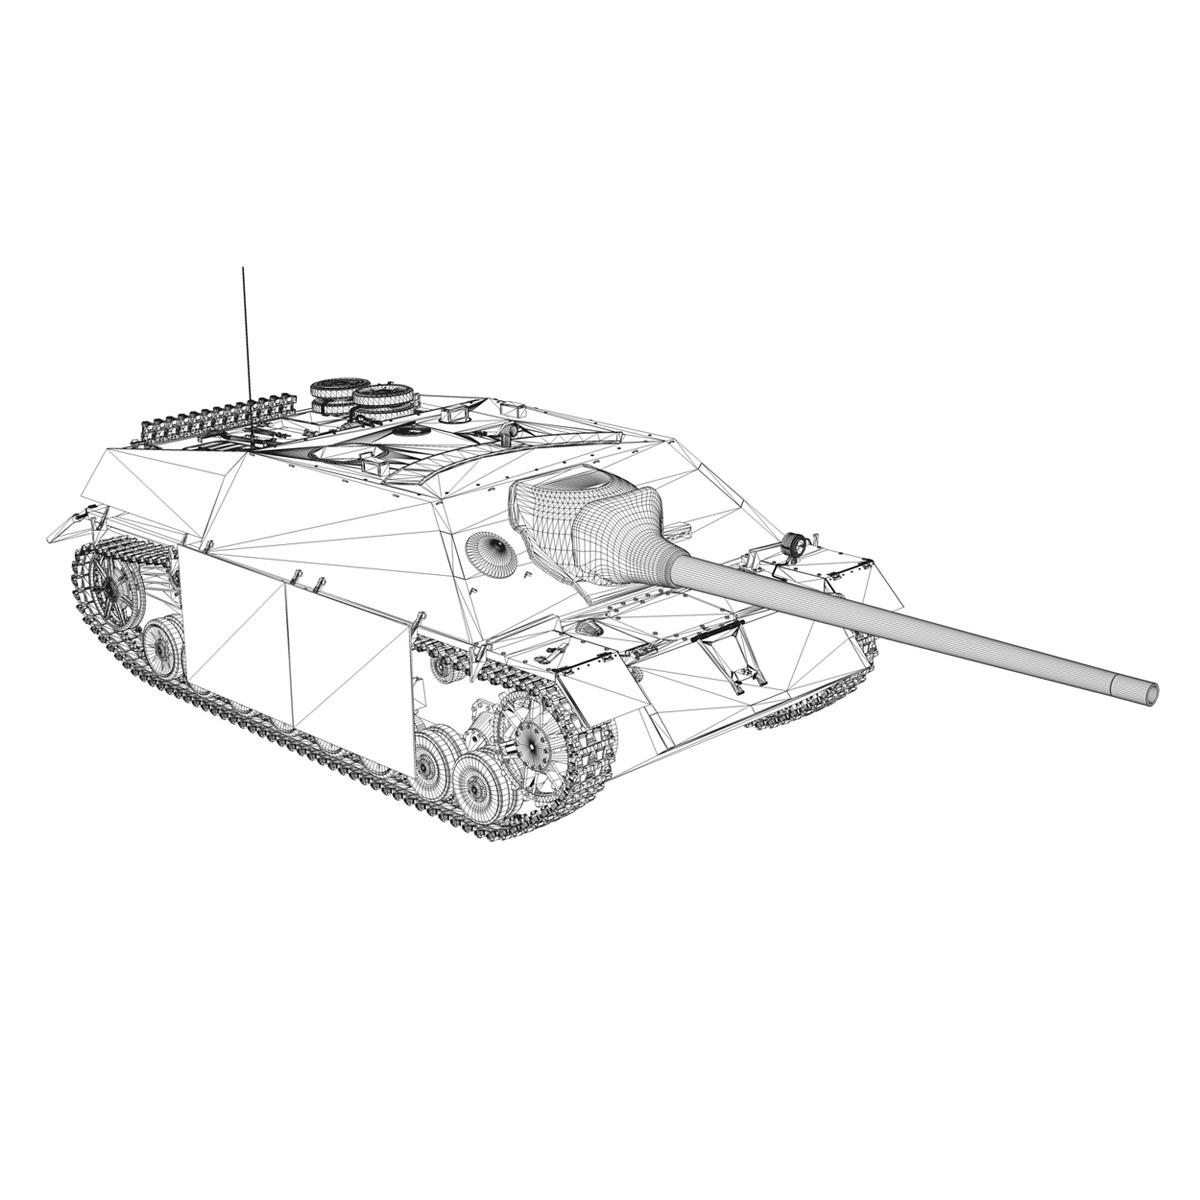 jagdpanzer iv l/70 (v) – 322 – late production 3d model 3ds fbx c4d lwo obj 282356